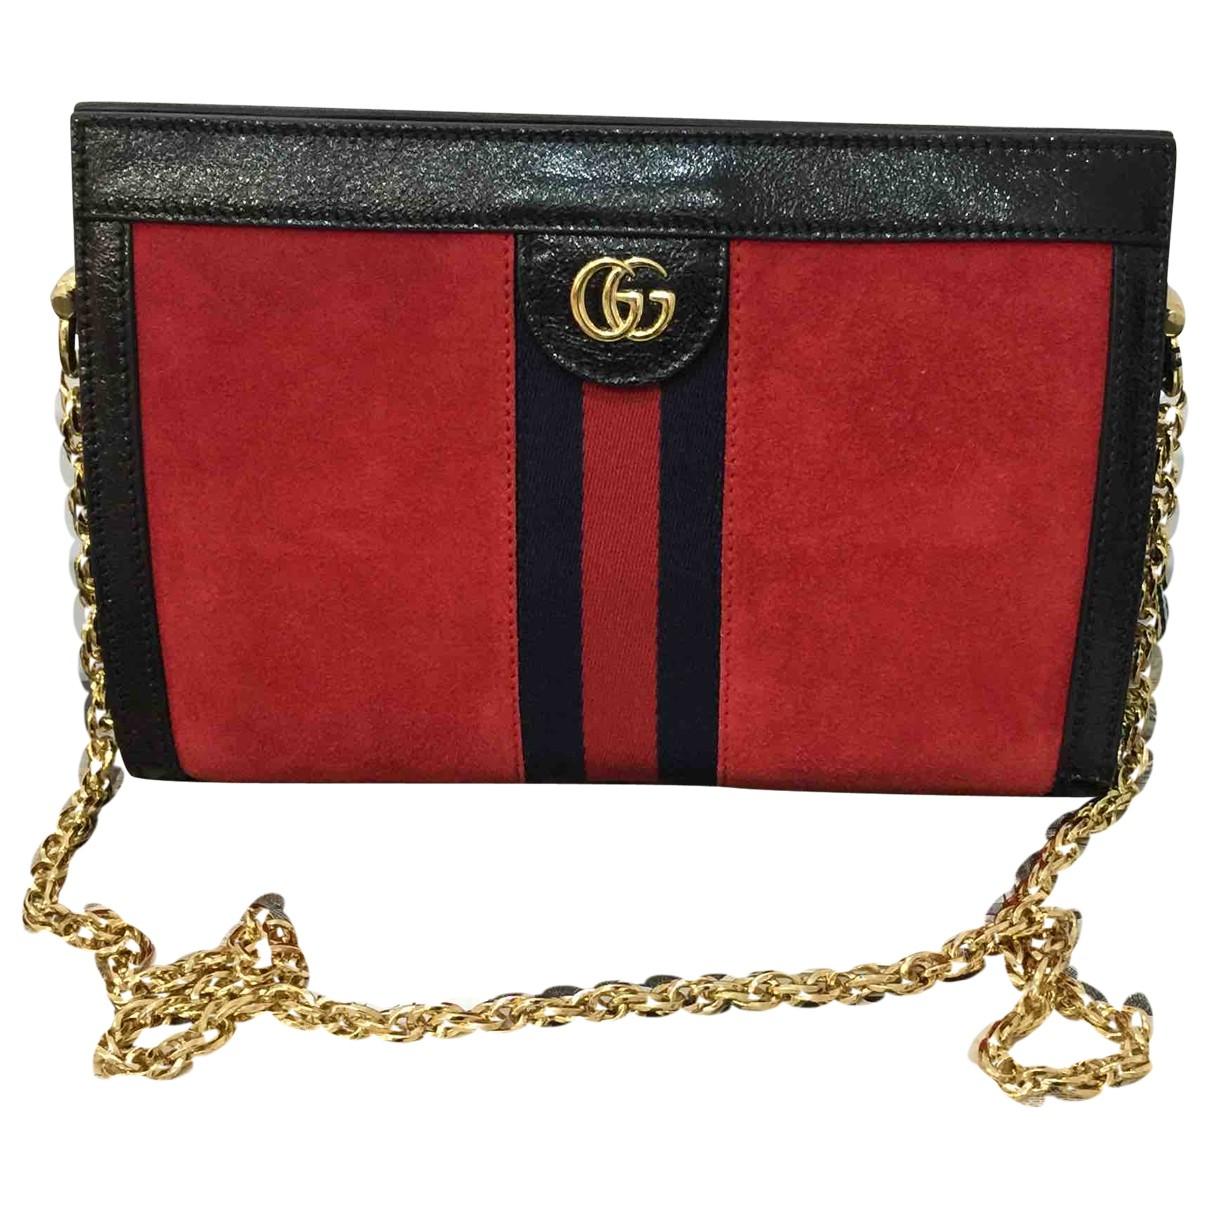 Gucci - Sac a main Ophidia pour femme en suede - rouge